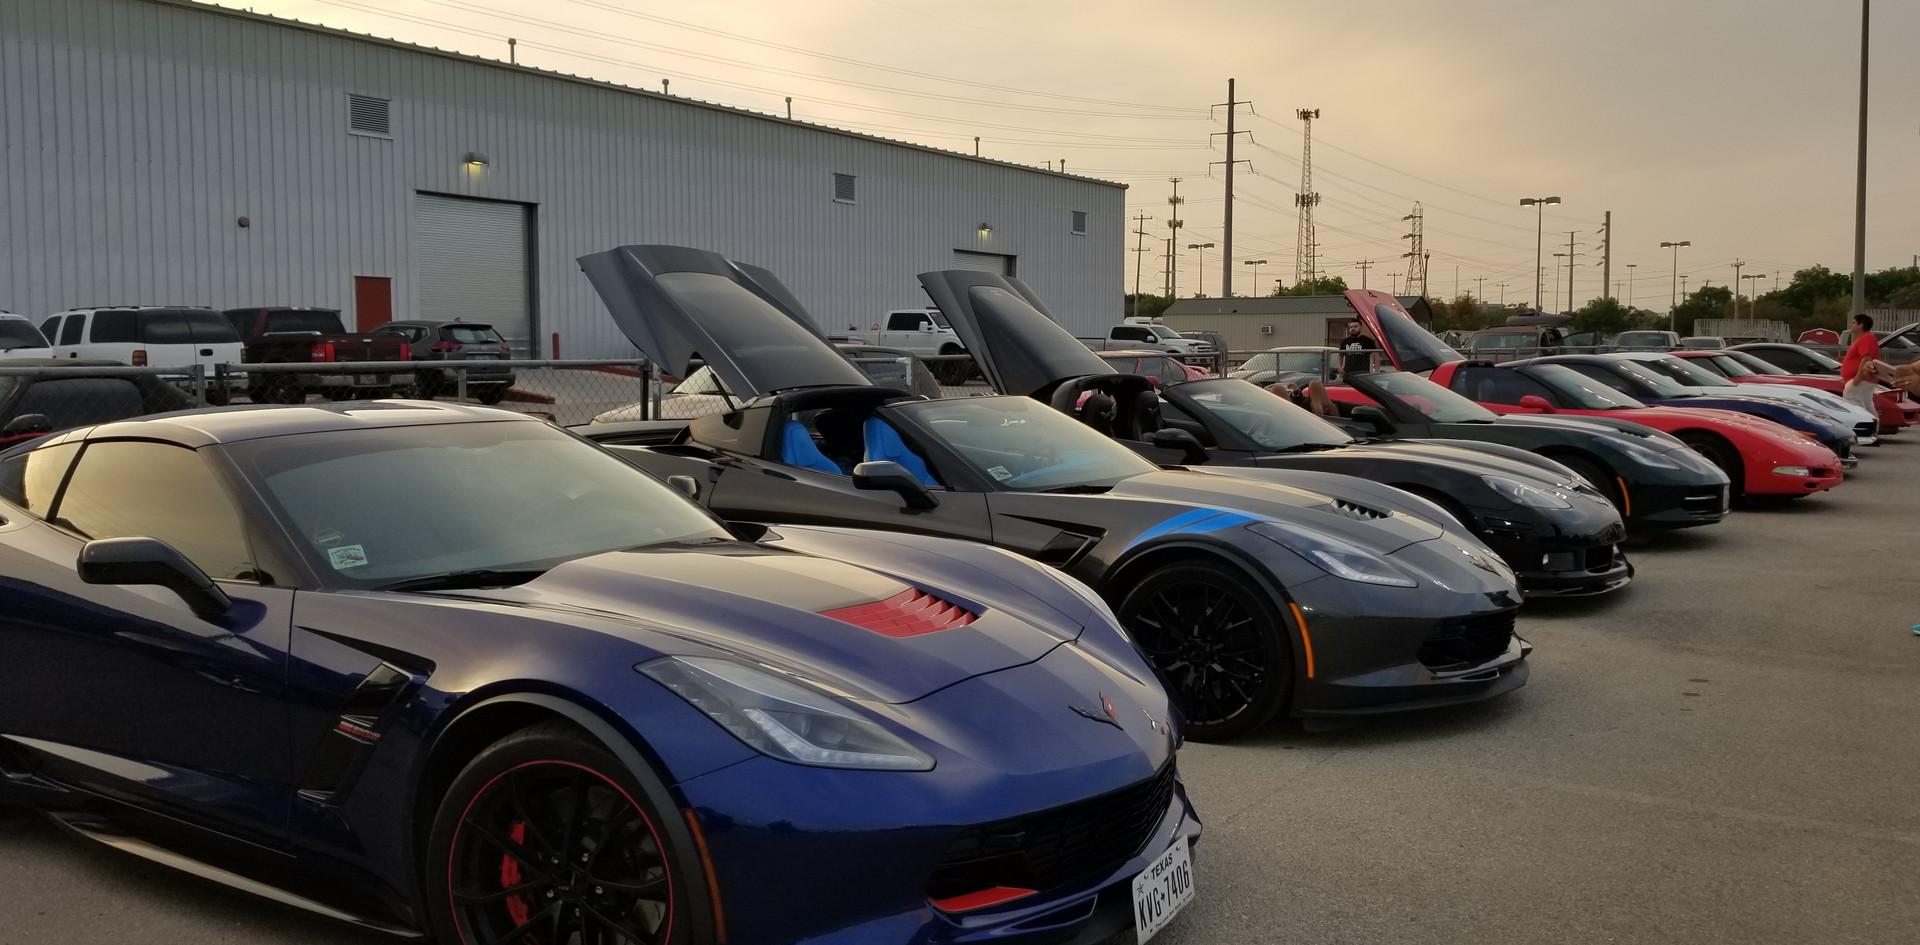 Row of cars at FNL